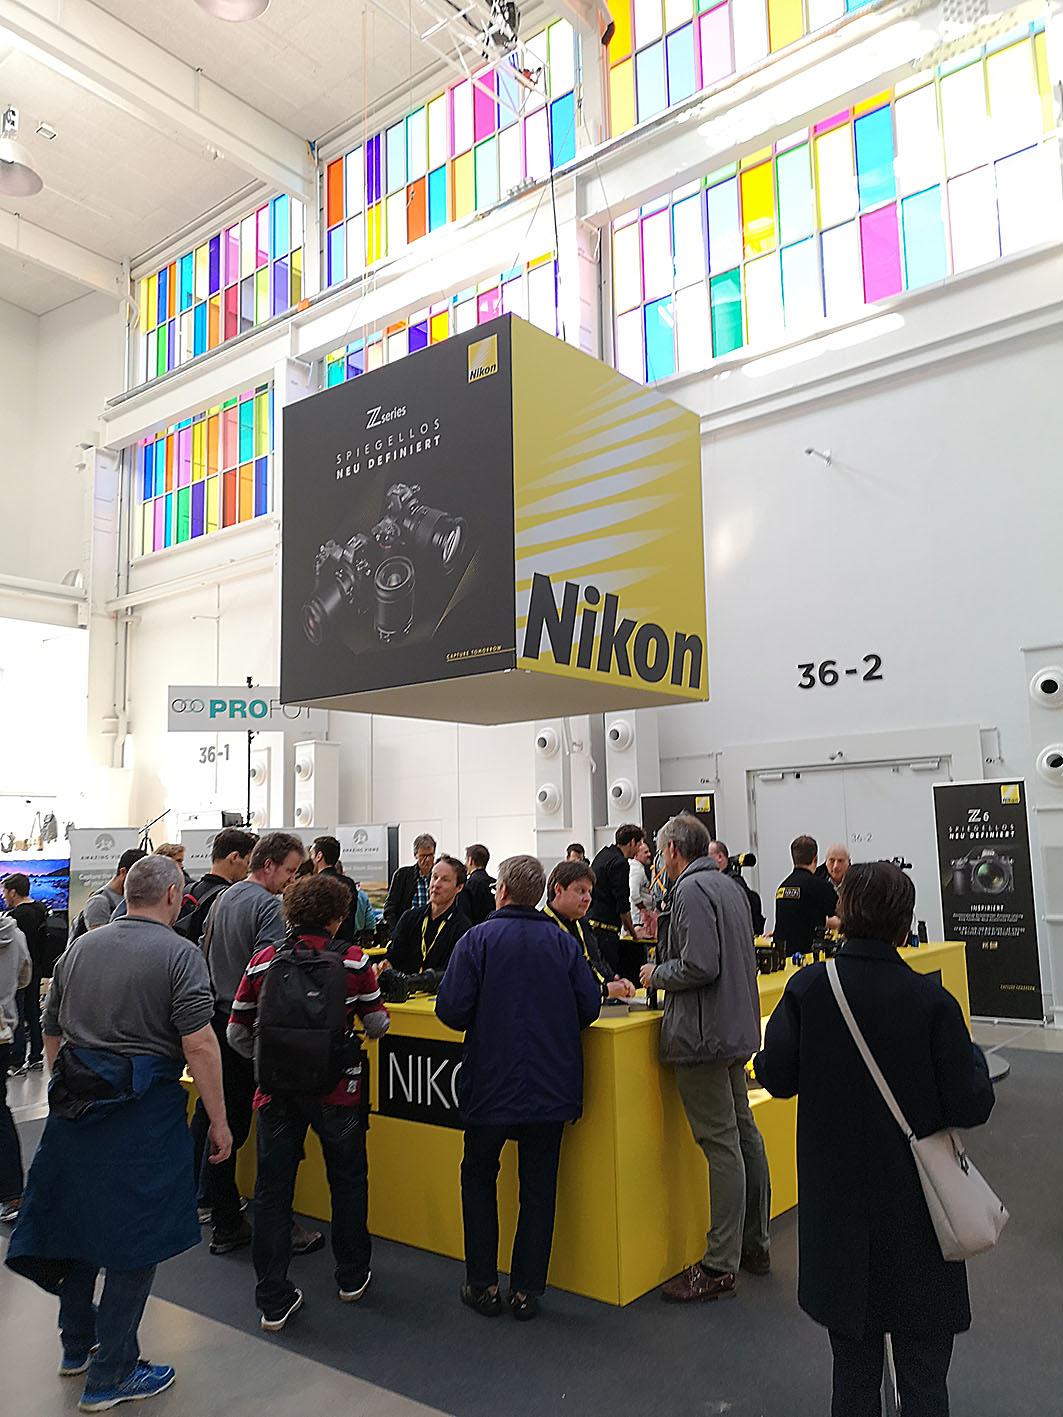 Foto: Michael B. Rehders - Im Mittelpunkt der Messehalle: Nikon!